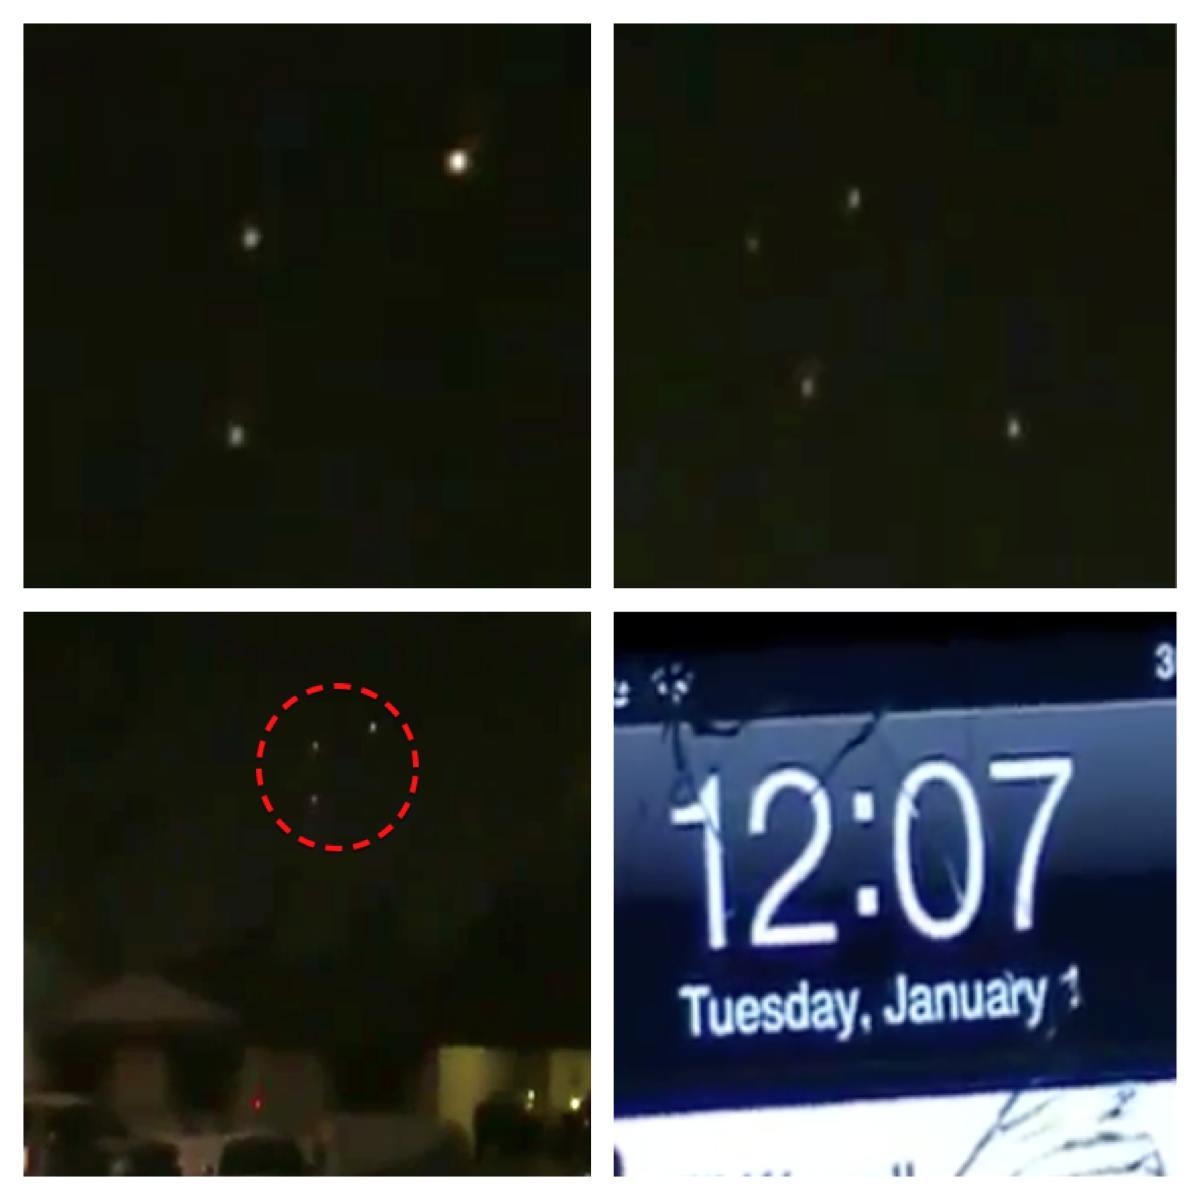 http://4.bp.blogspot.com/-wHeTuNcQ5x0/UOUdswtXc_I/AAAAAAAAN6Q/JX-QrZ70lQU/s1600/ovni,+omni,+alien,+aliens,+Angelina+Jolie,+Brad+Pitt,+UFO,+UFOs,+sighting,+sightings,+space,+nasa,+esa,+nsa,+top+secret,+astronomy,+2013,+ISS.jpg